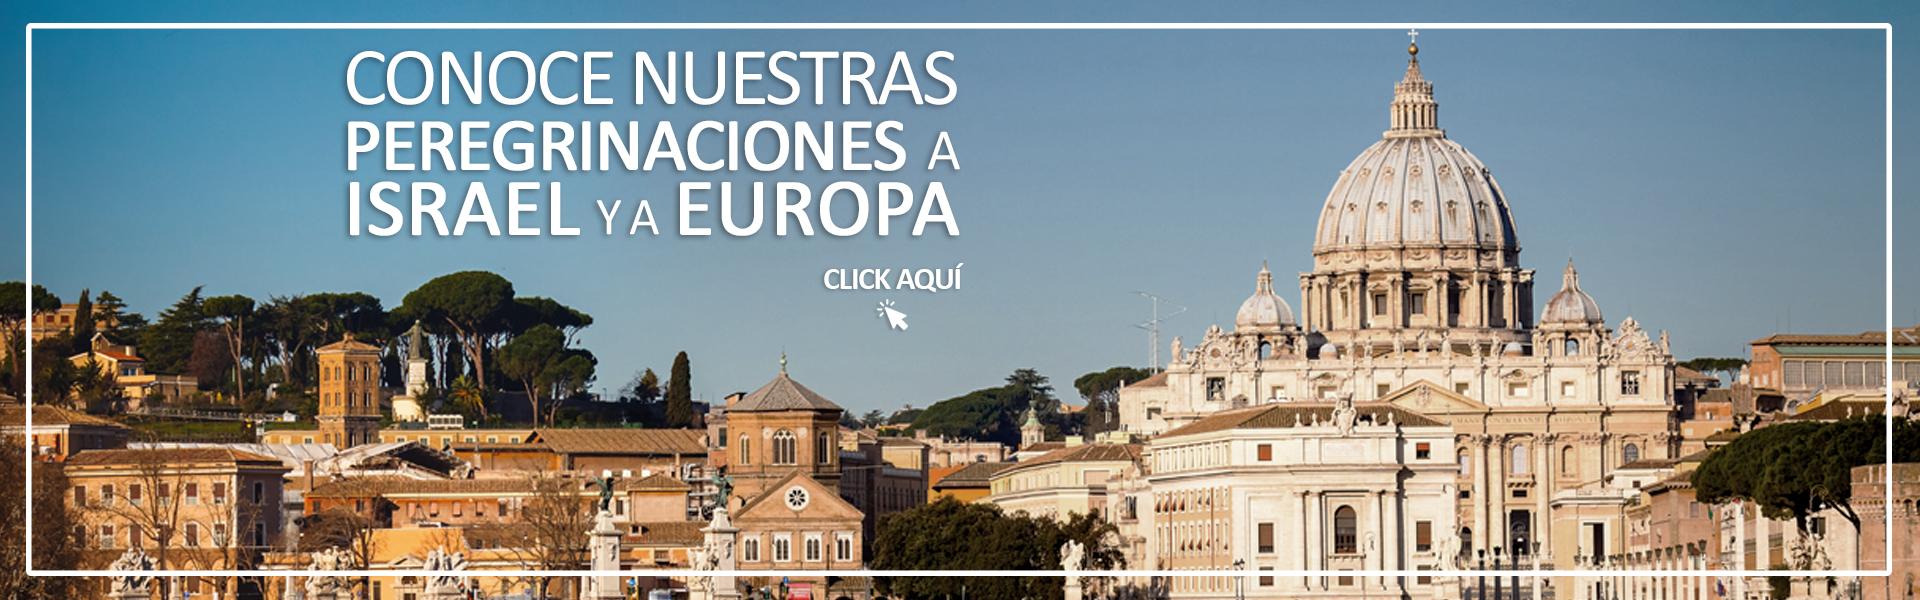 banner_index_peregrinaciones_israel_europa